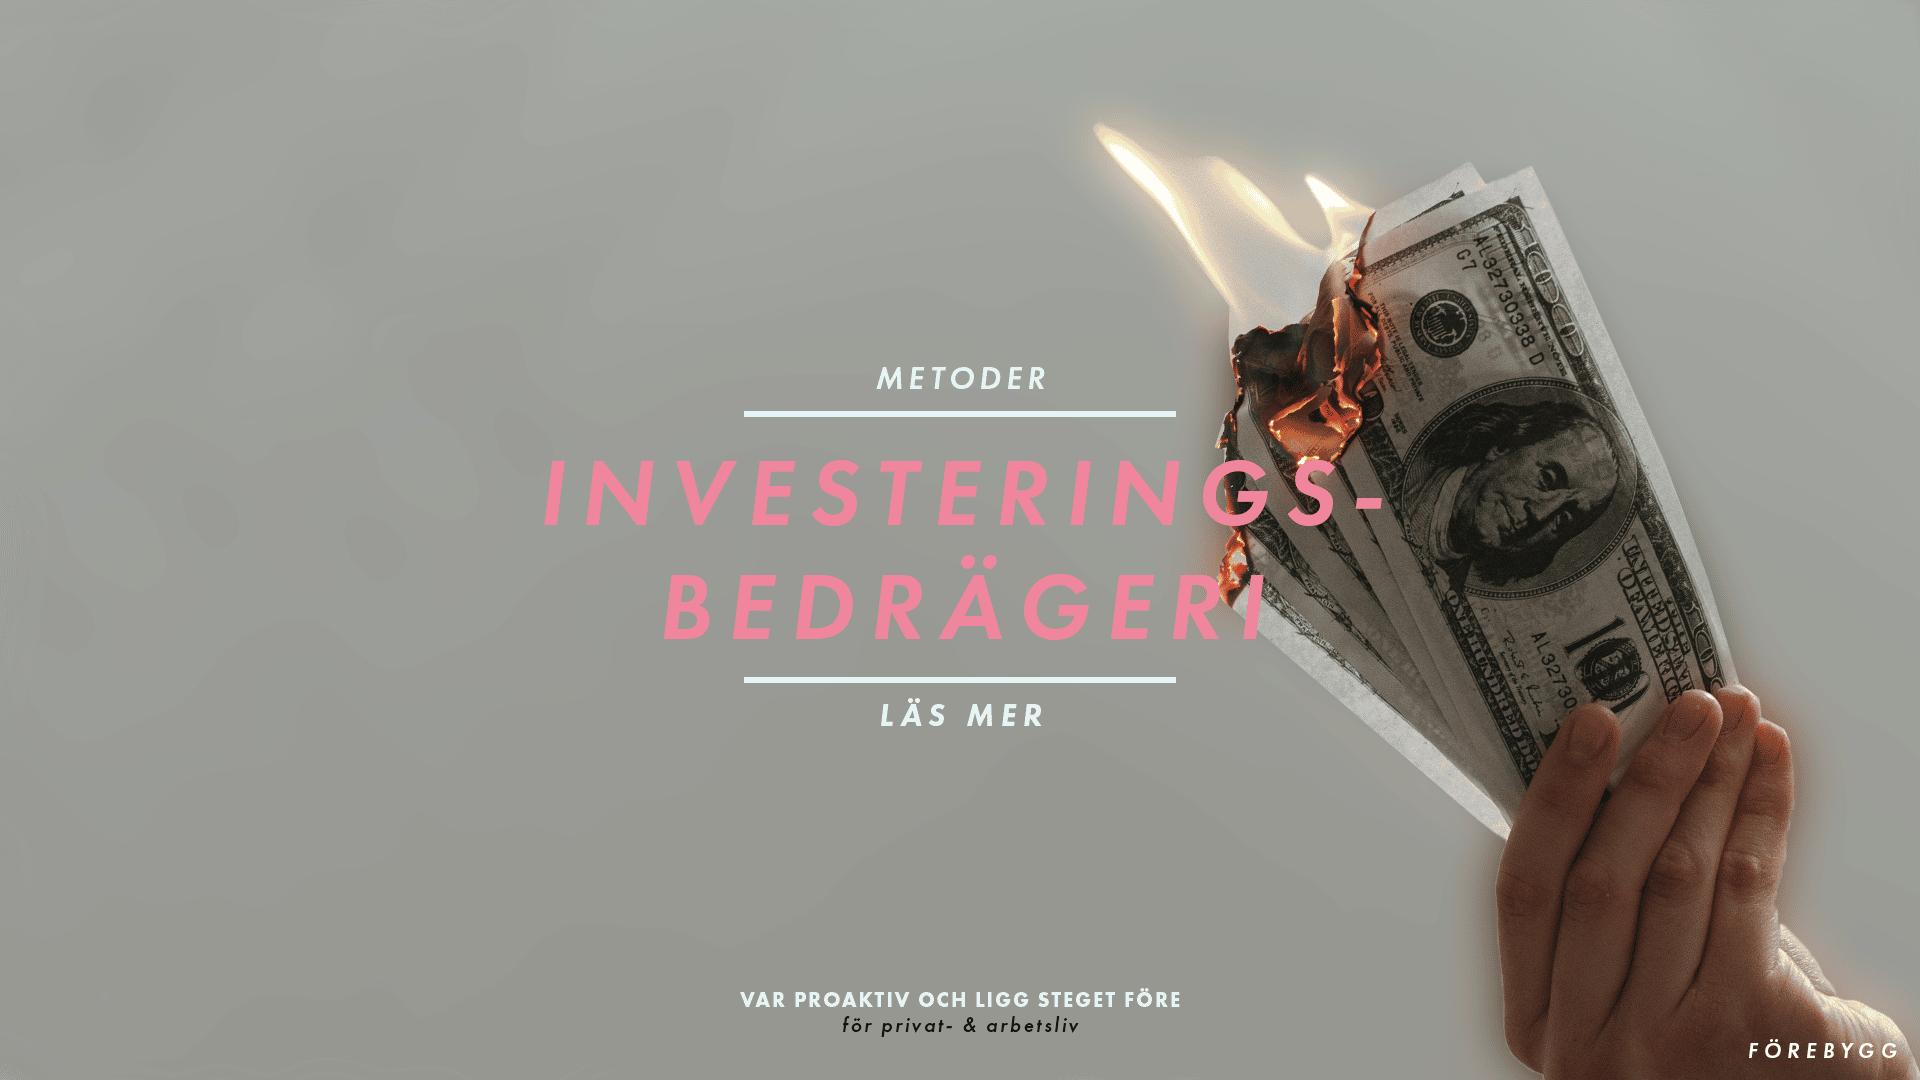 Förebygg - Blogg - mall - metoder - investeringsbedrägeri